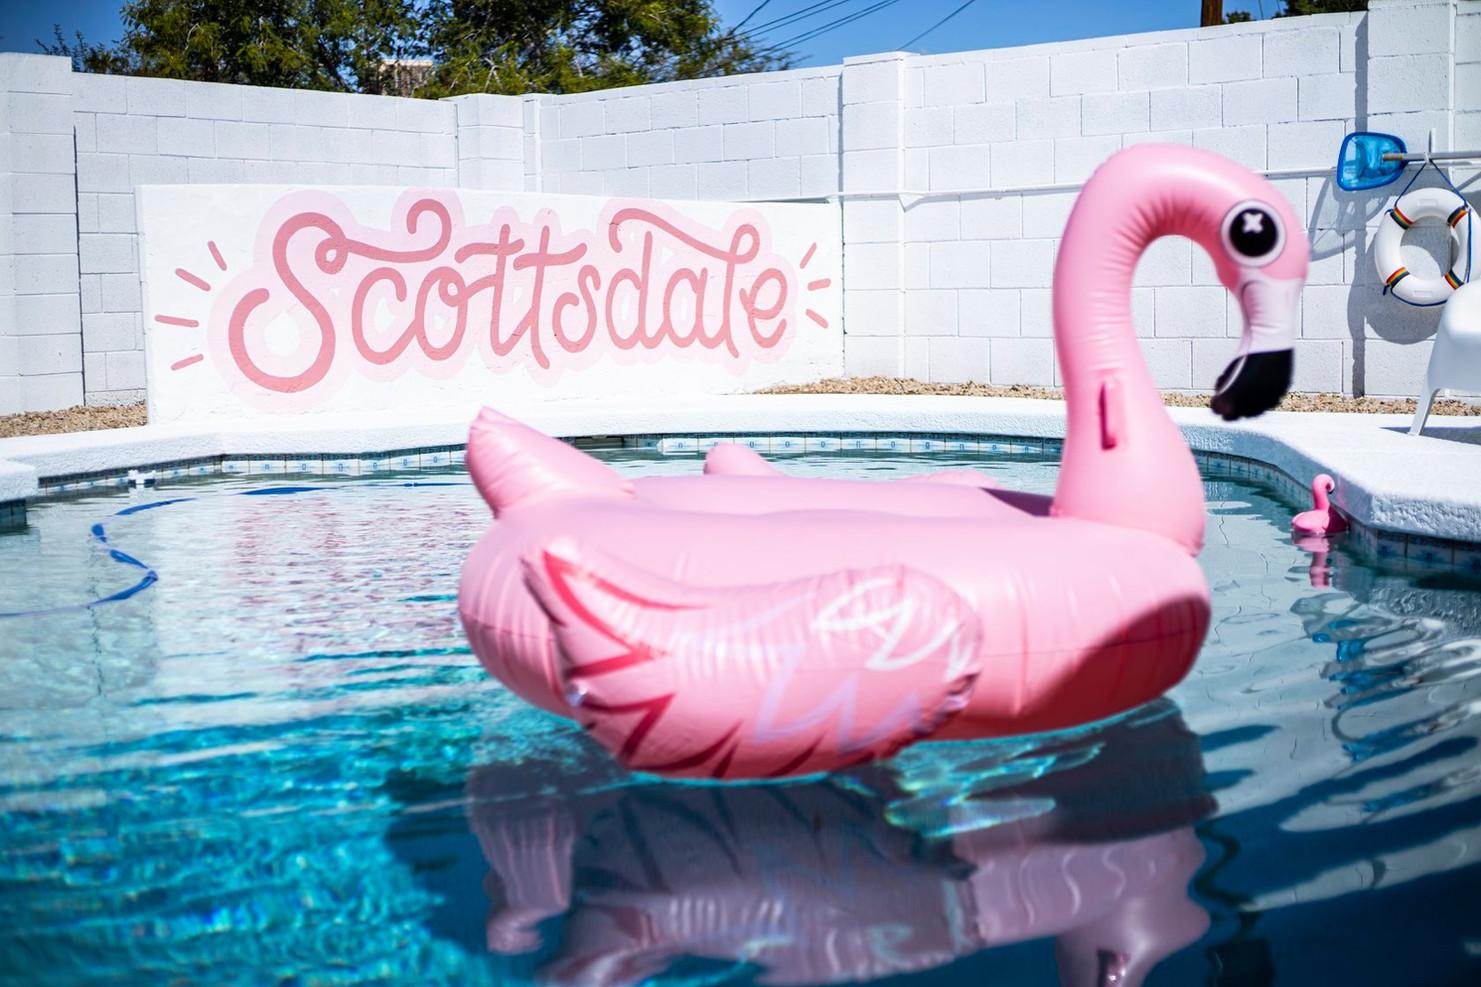 Scottsdale Pool mural